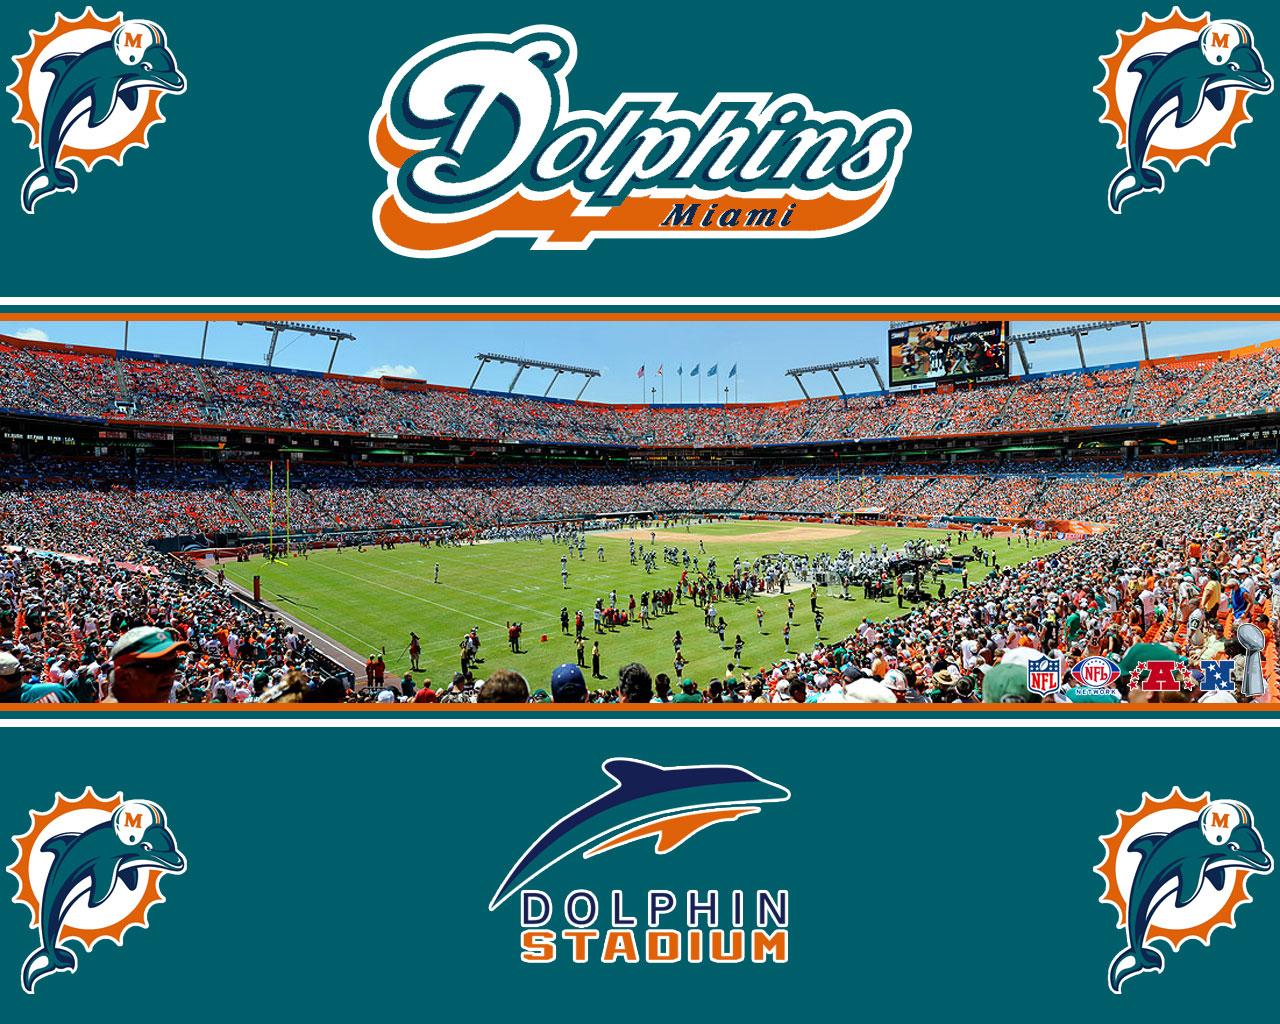 http://3.bp.blogspot.com/_SPY5-z18DBU/TThV4zjFdCI/AAAAAAAAAe4/UuRIFKC3E4U/s1600/miami_dolphins_wallpaper_1280x1024.jpeg